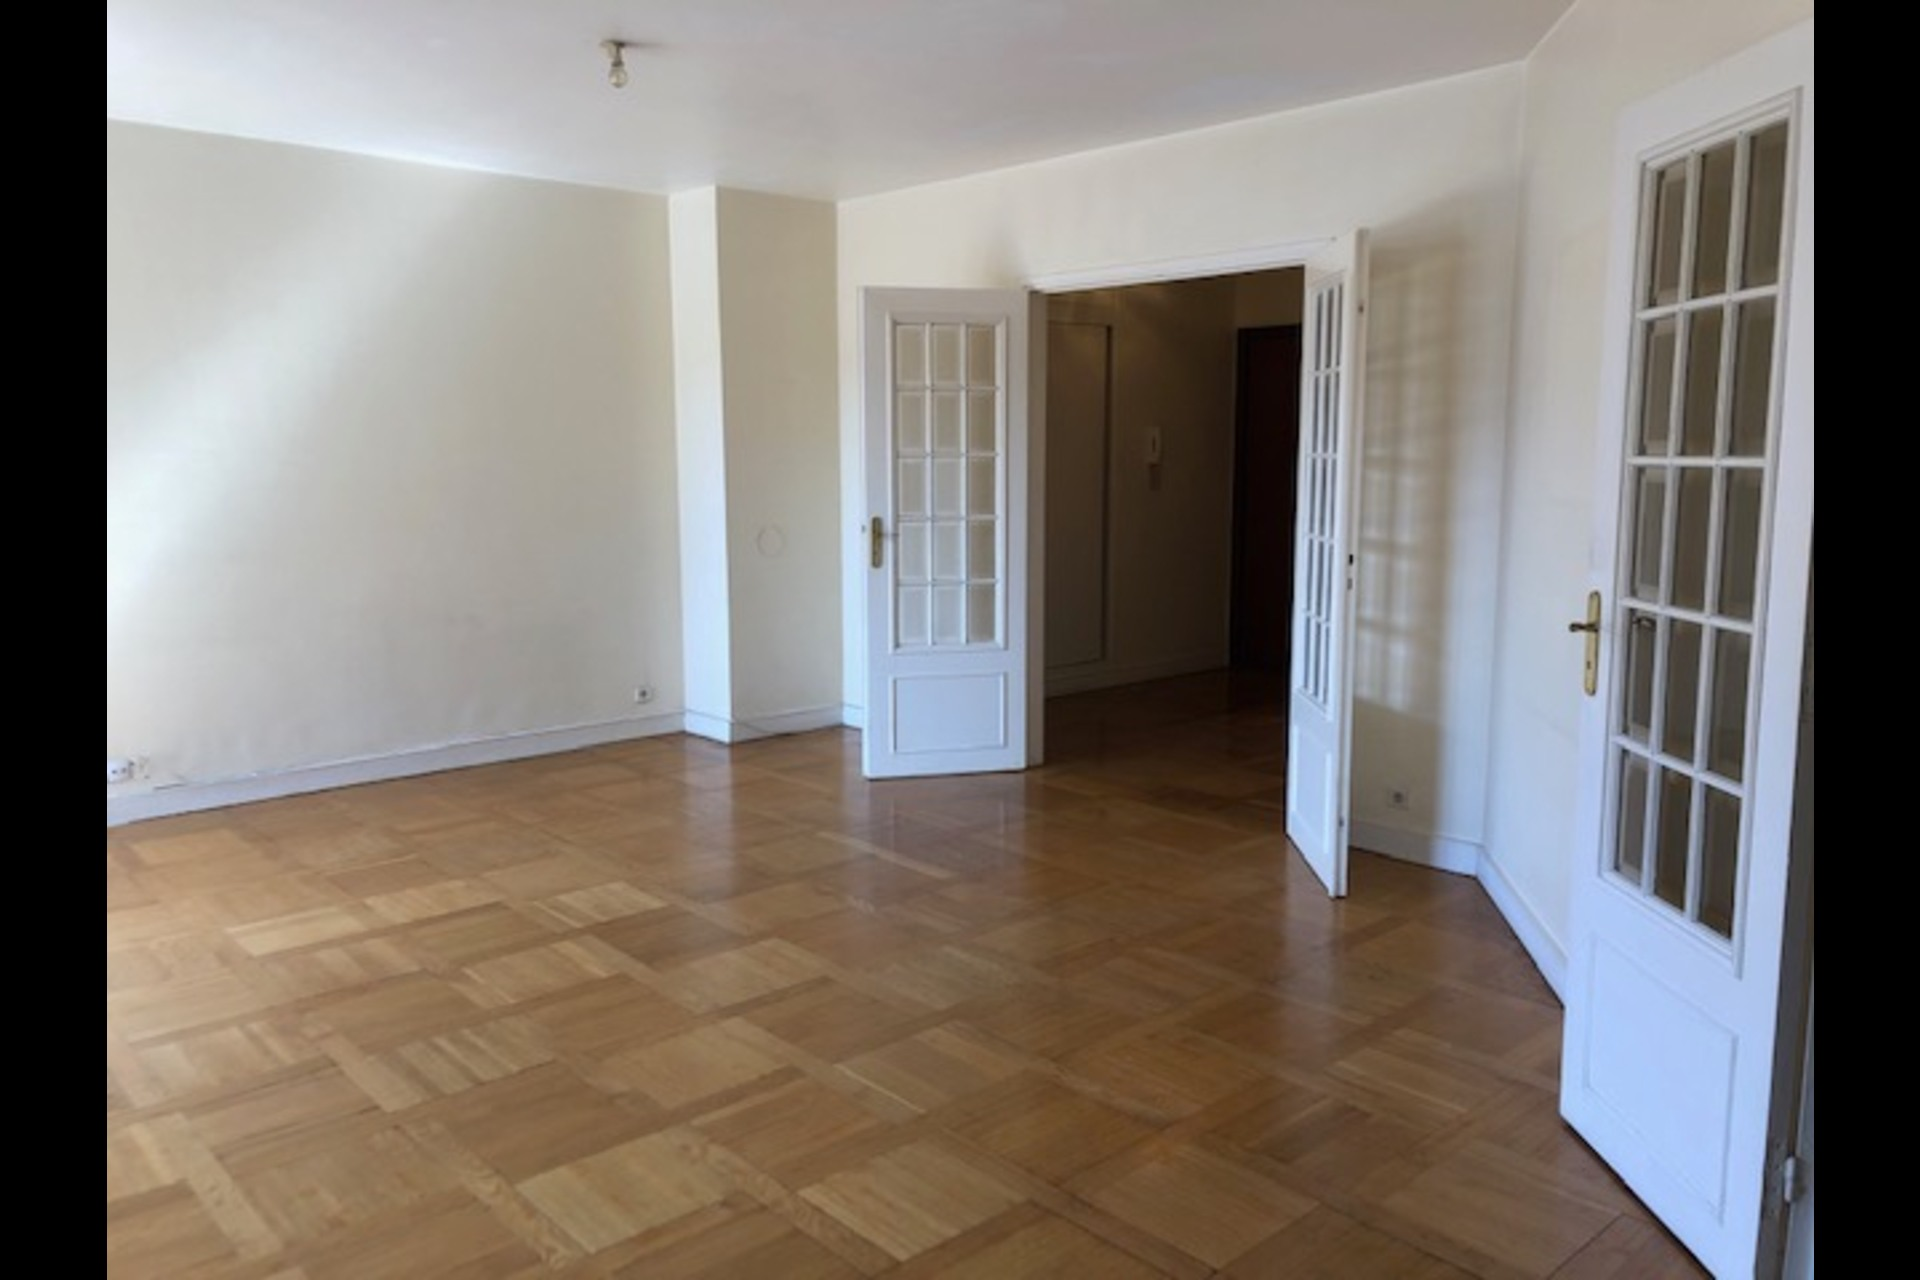 image 2 - Apartment For rent saint germain en laye - 5 rooms